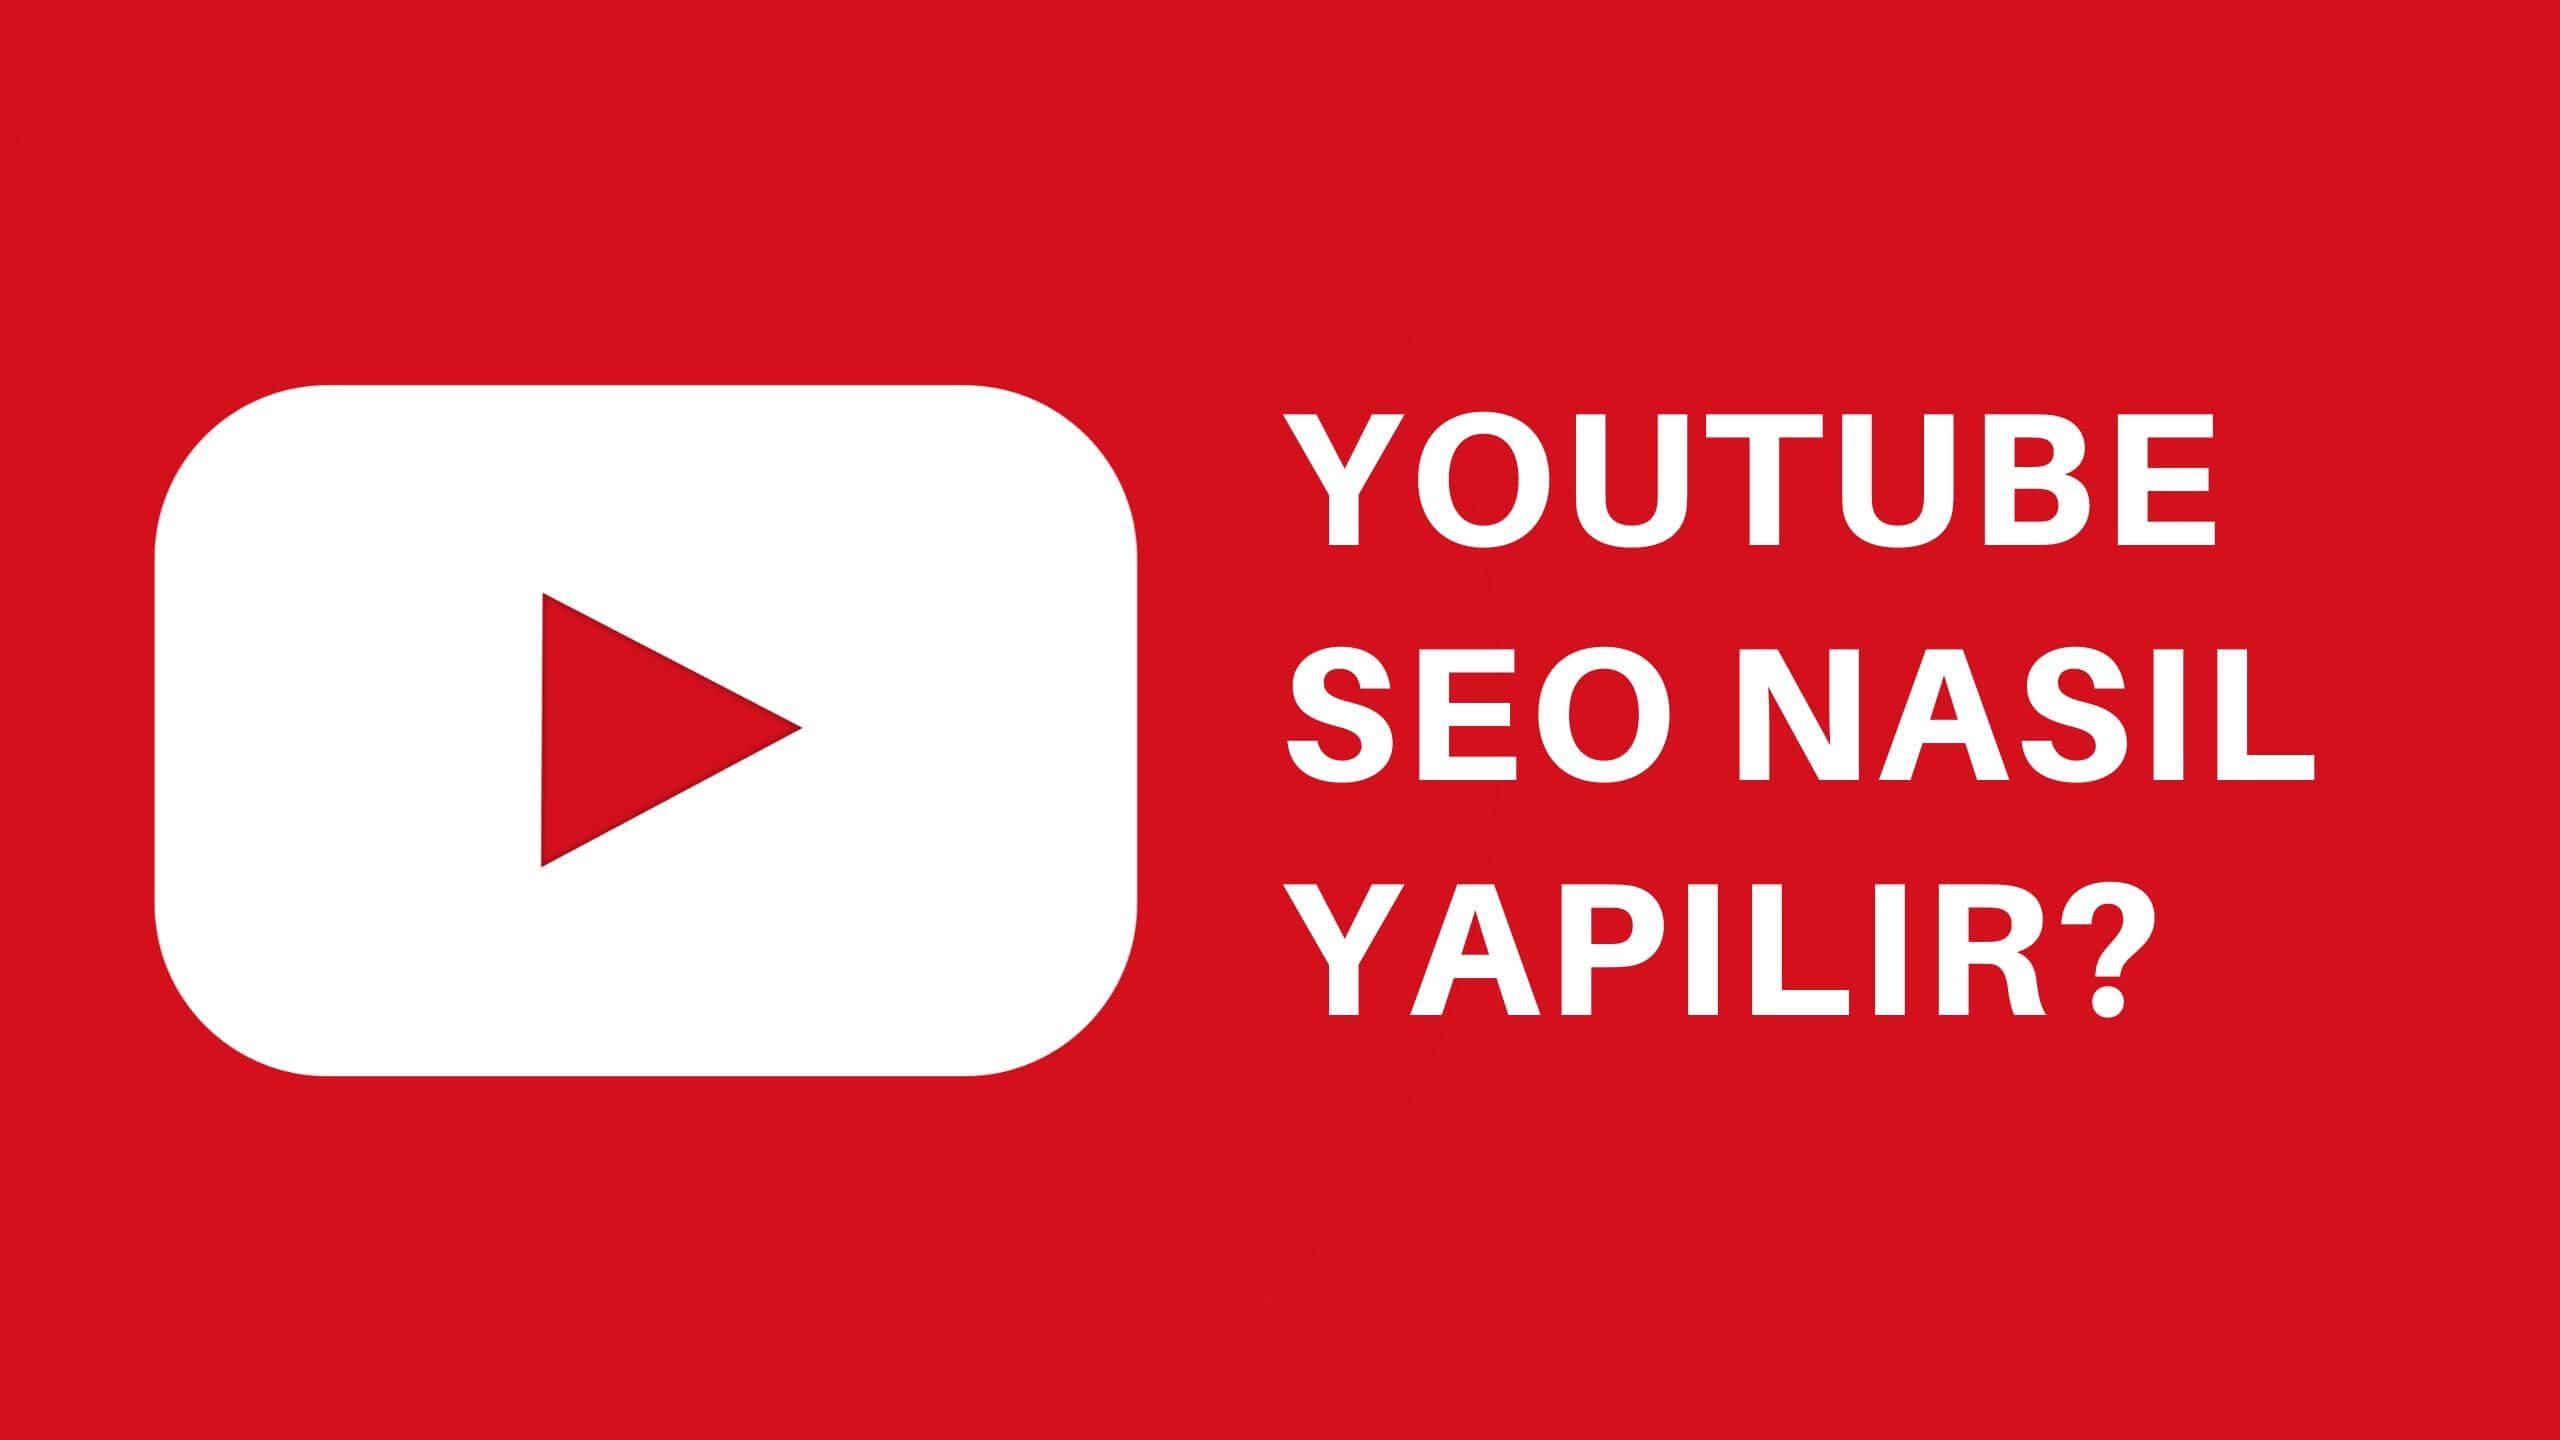 Youtube SEO Teknikleri | Youtube Seo Nasıl Yapılır?